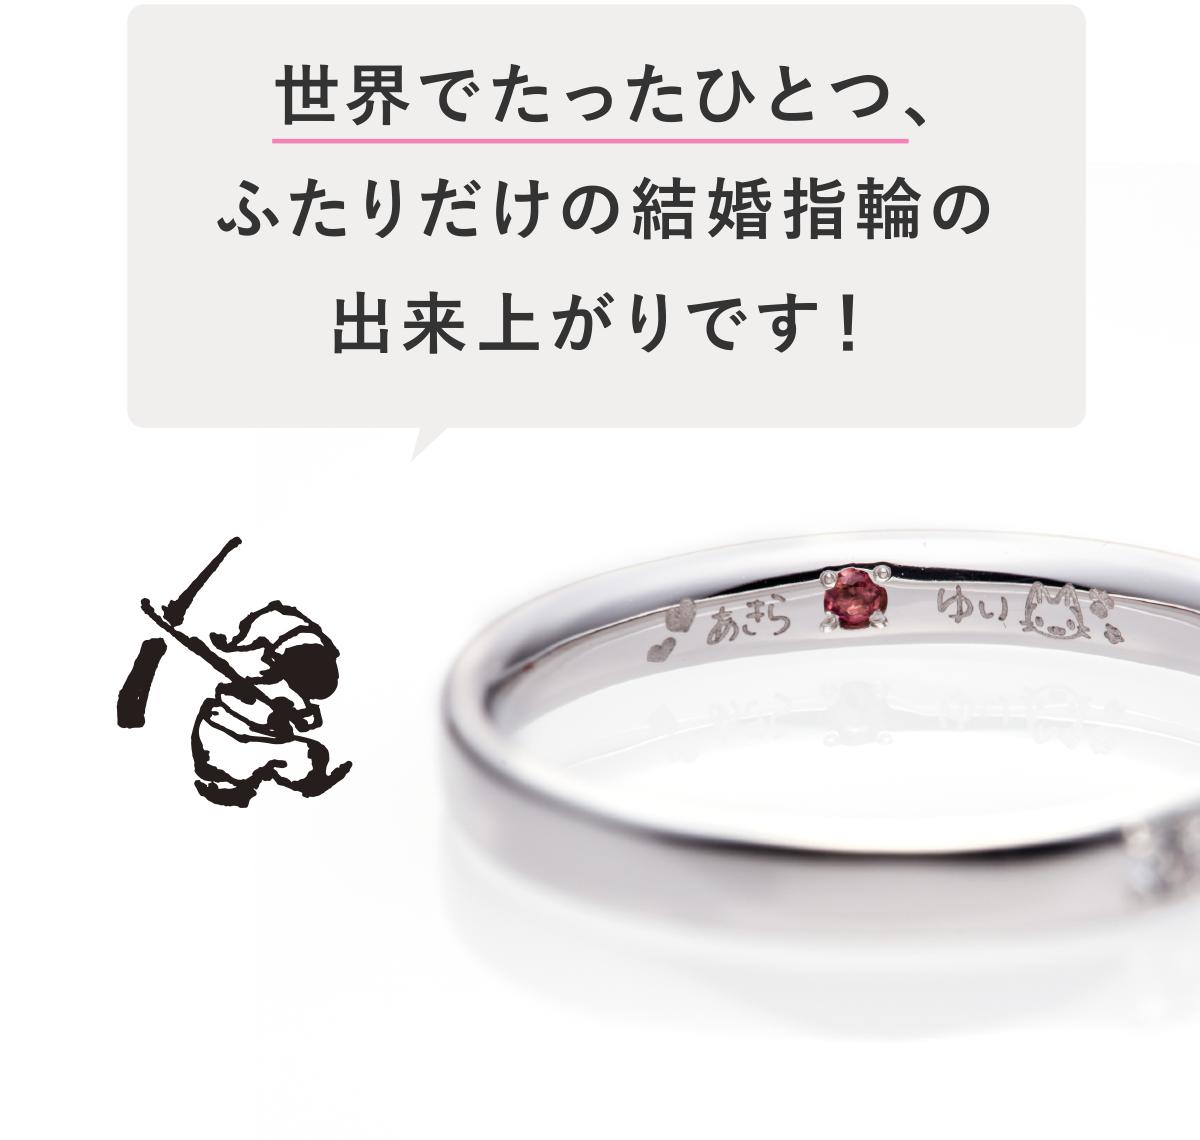 世界でたったひとつ、ふたりだけの結婚指輪(マリッジリング)の出来上がりです!